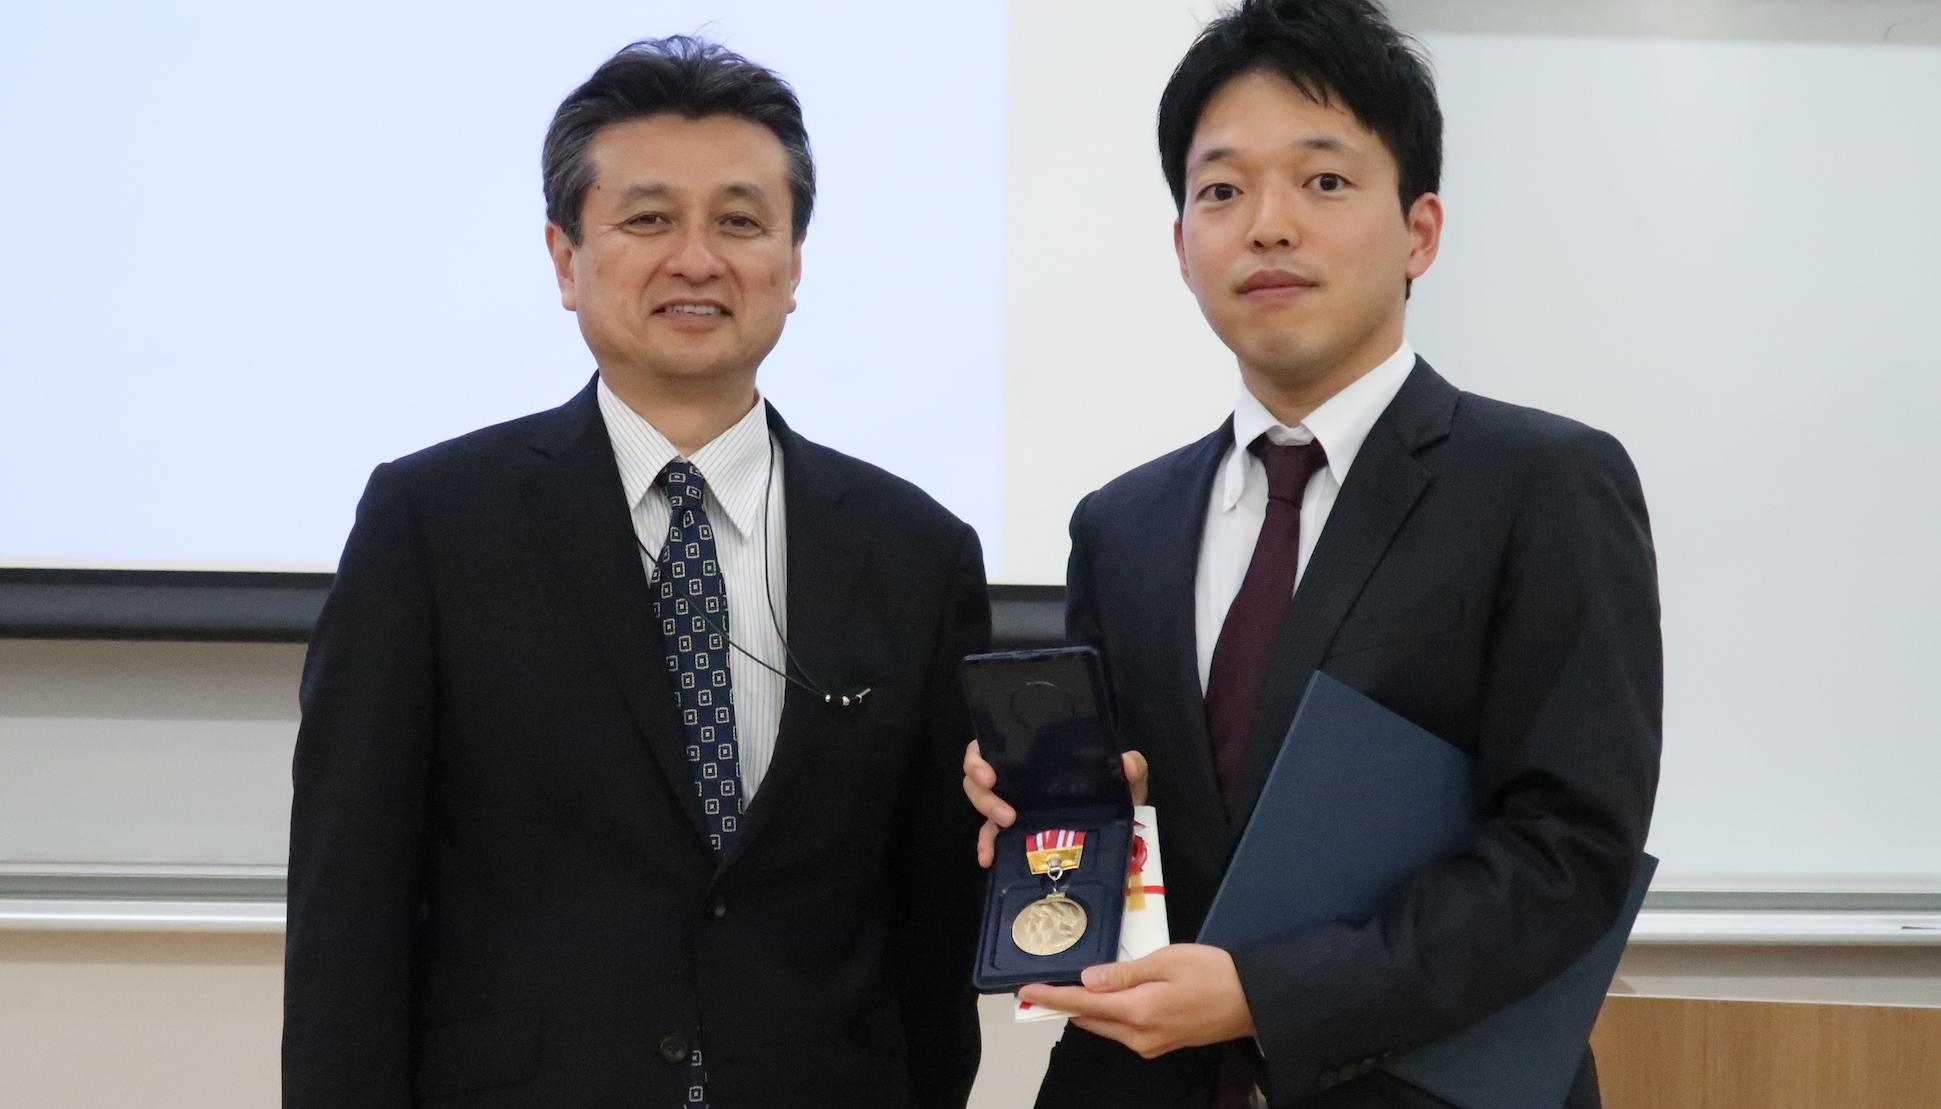 菊池寛昭先生が東京医科歯科大学医師会賞を受賞